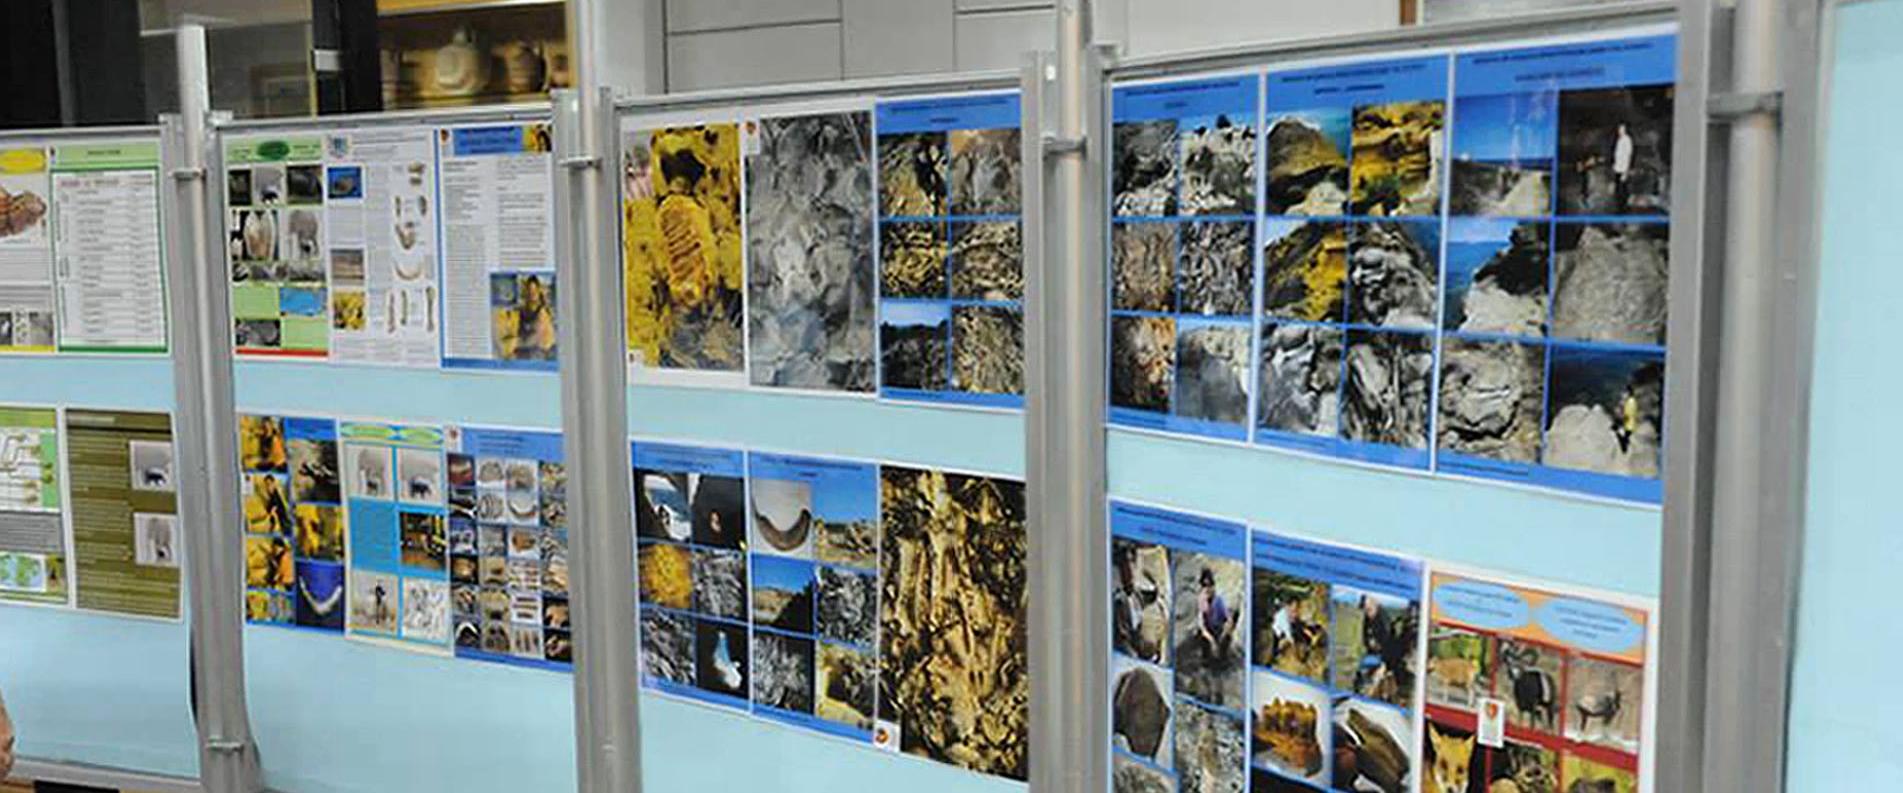 Музей естественной истории и экскурсия на производство Карлсберг